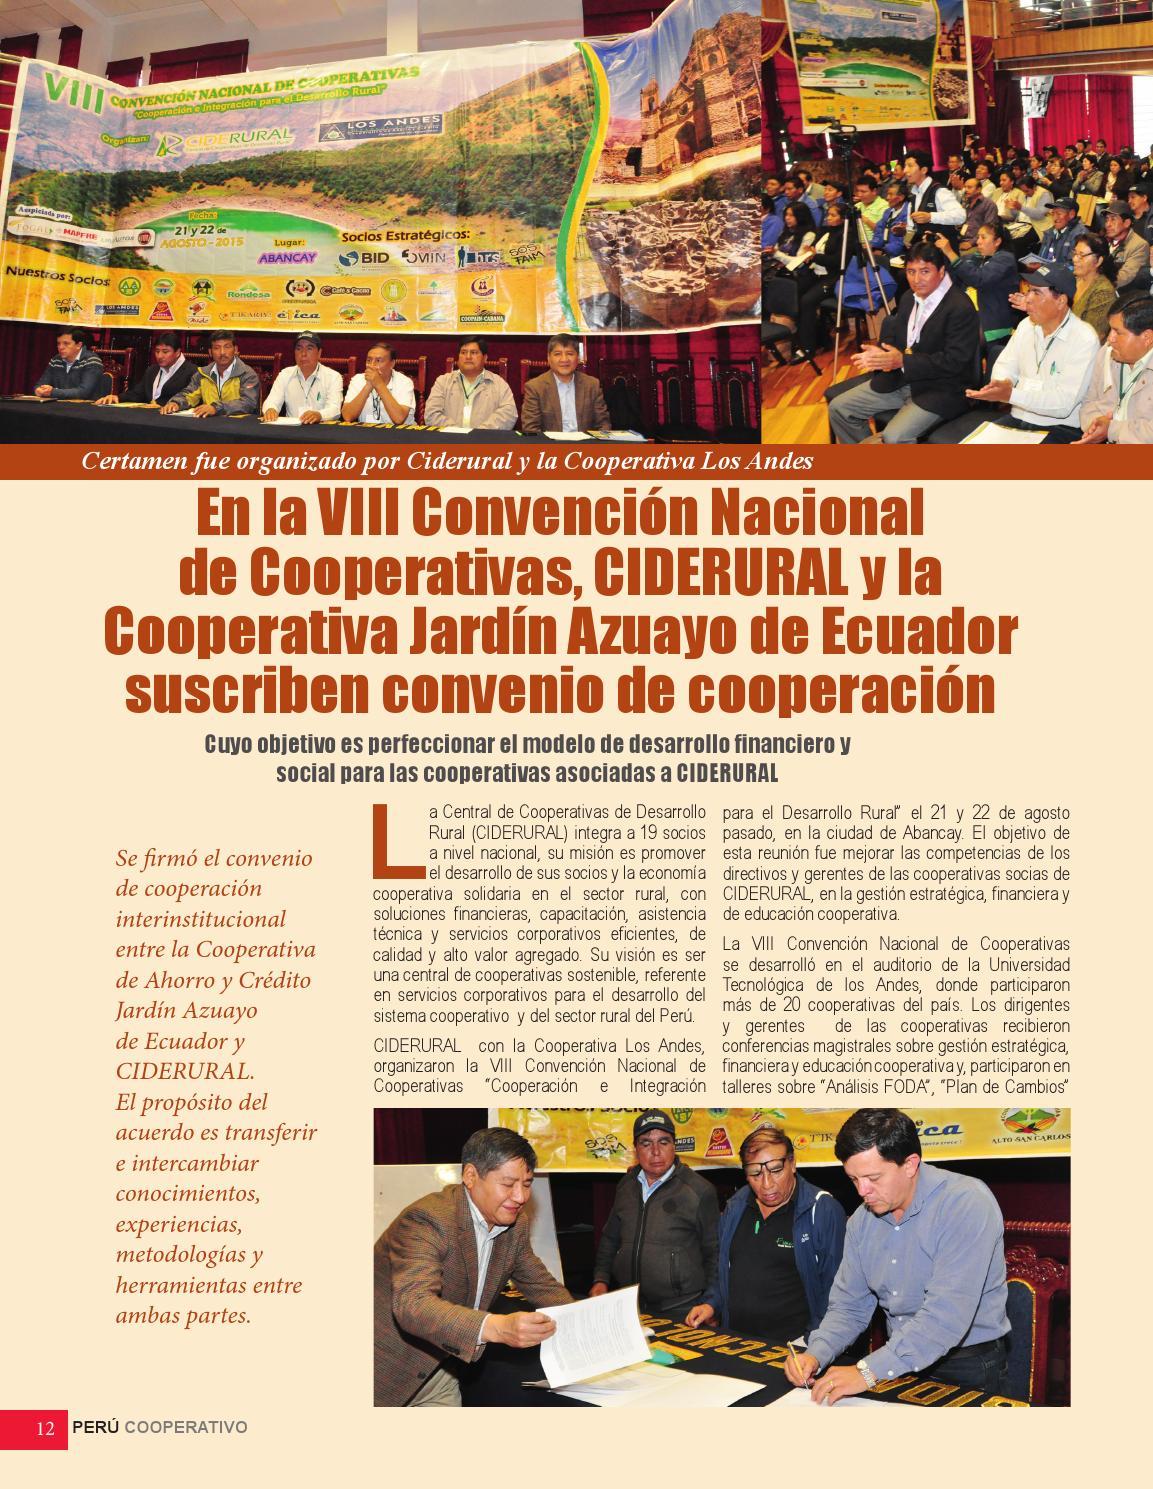 Cooperativa ahorro y credito jardin azuayo ecuador for Jardin azuayo